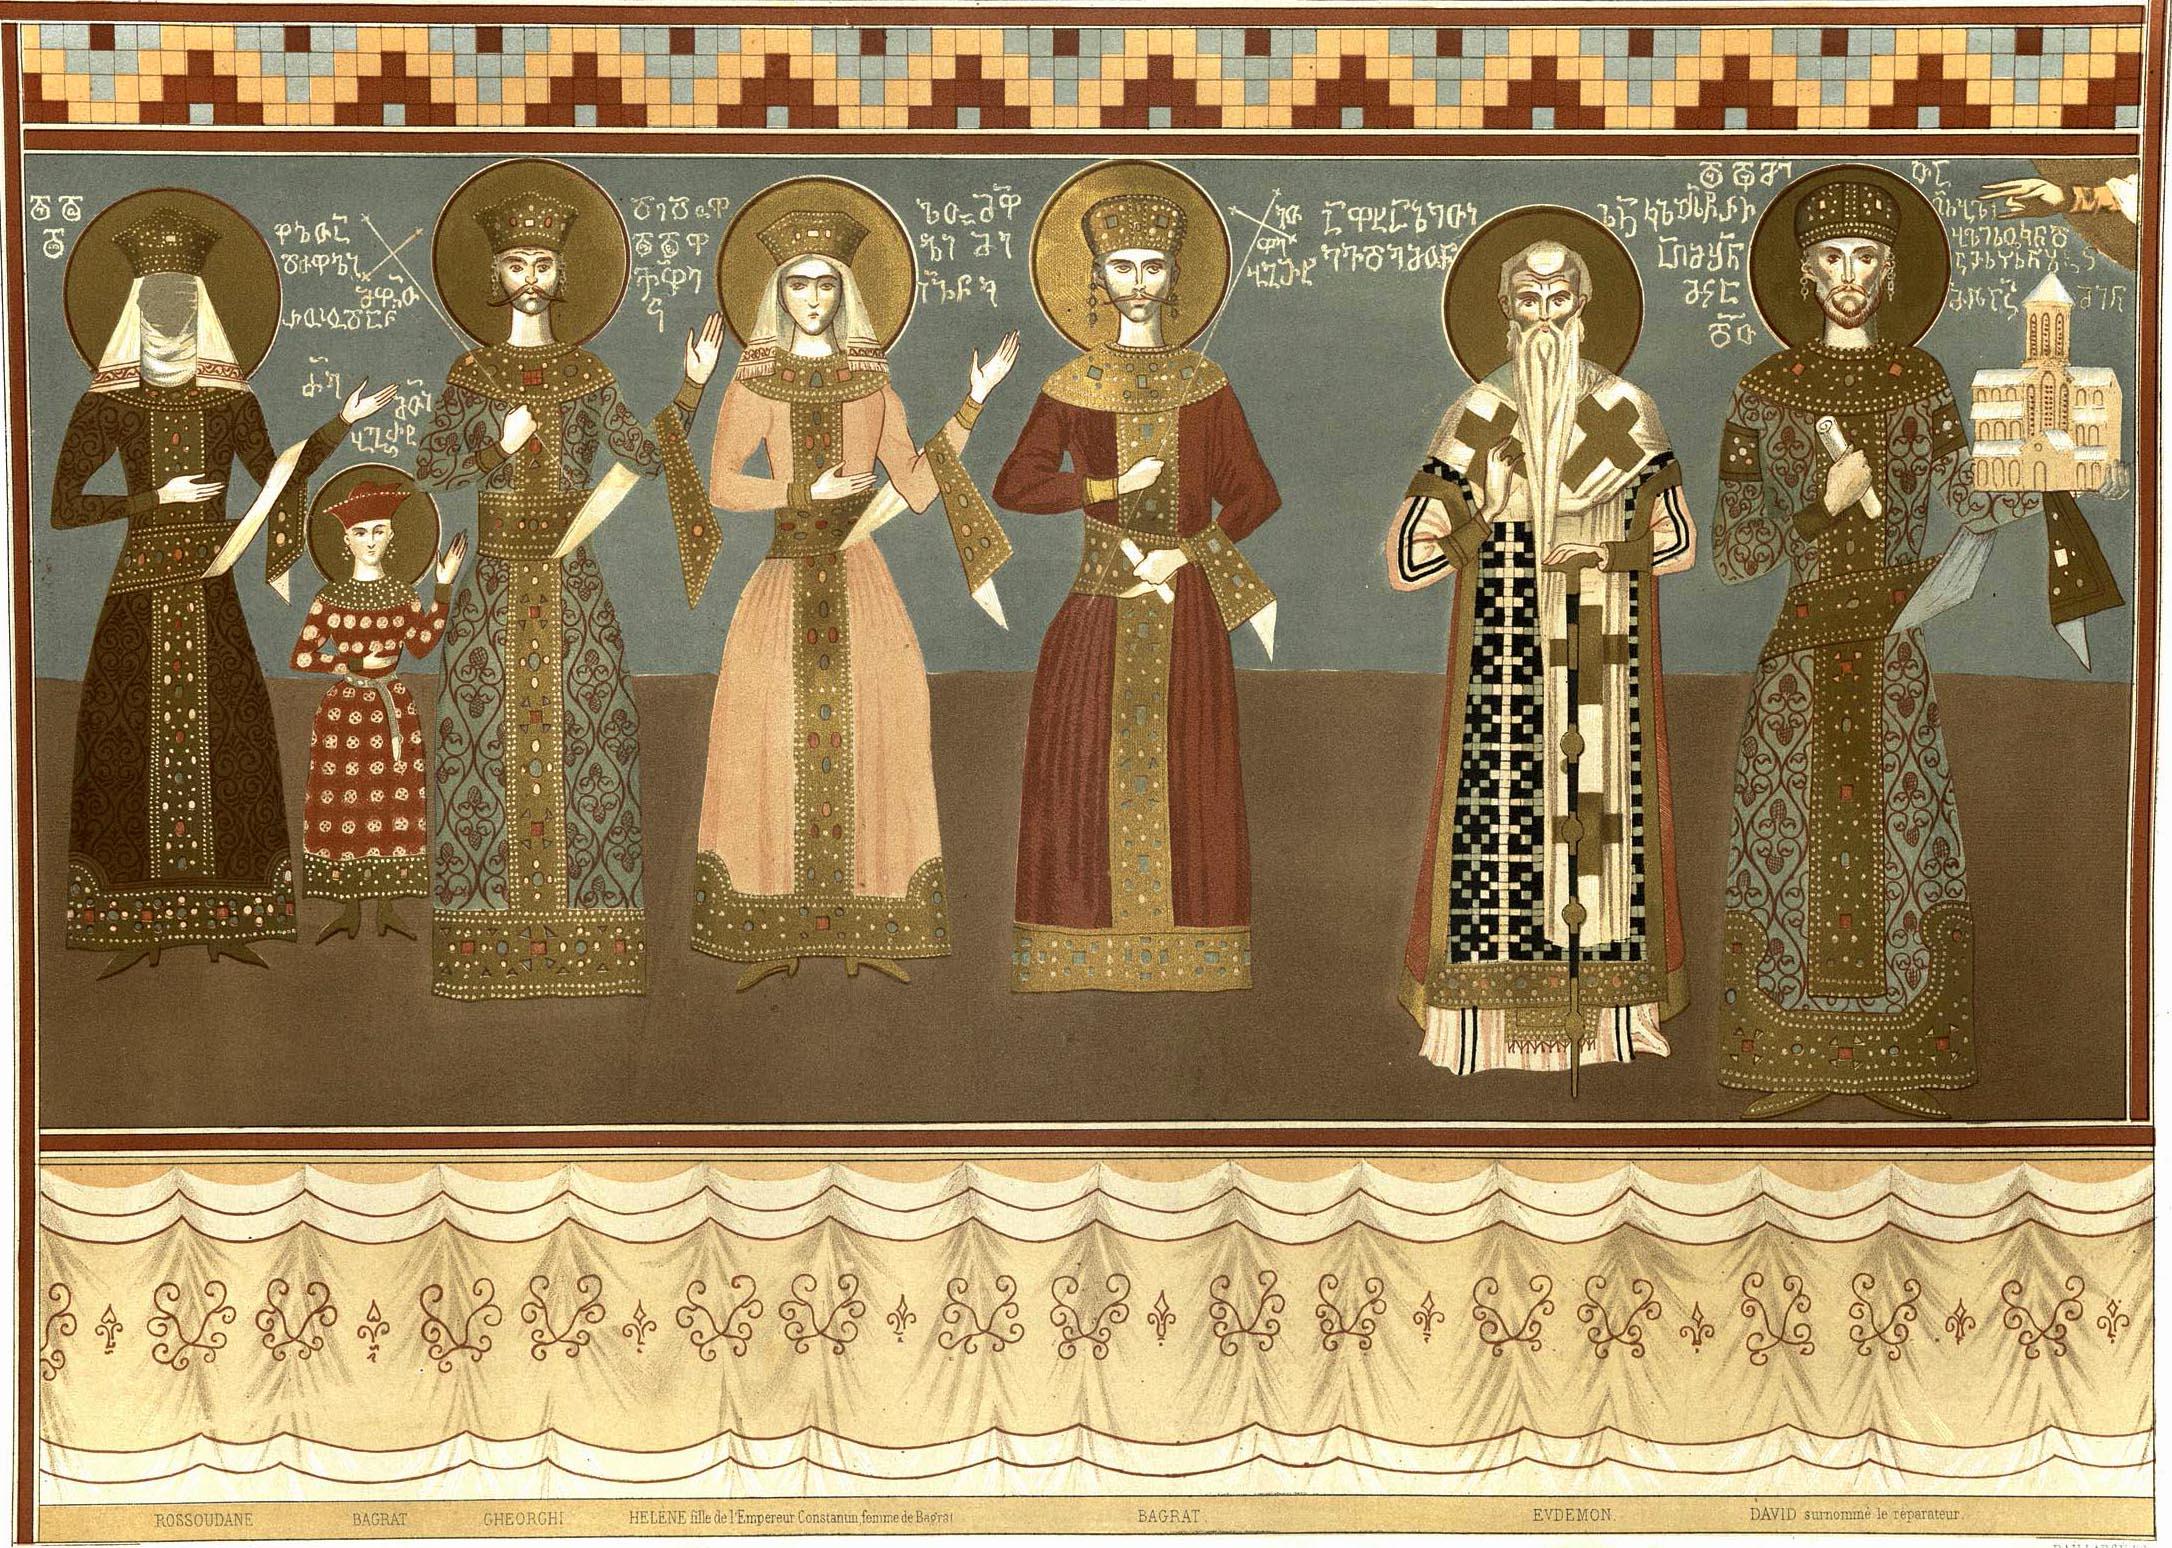 8. Imeres. Fresques de l'eglise de Ghelathi / Имерес. Фрески в Гелатском монастыре